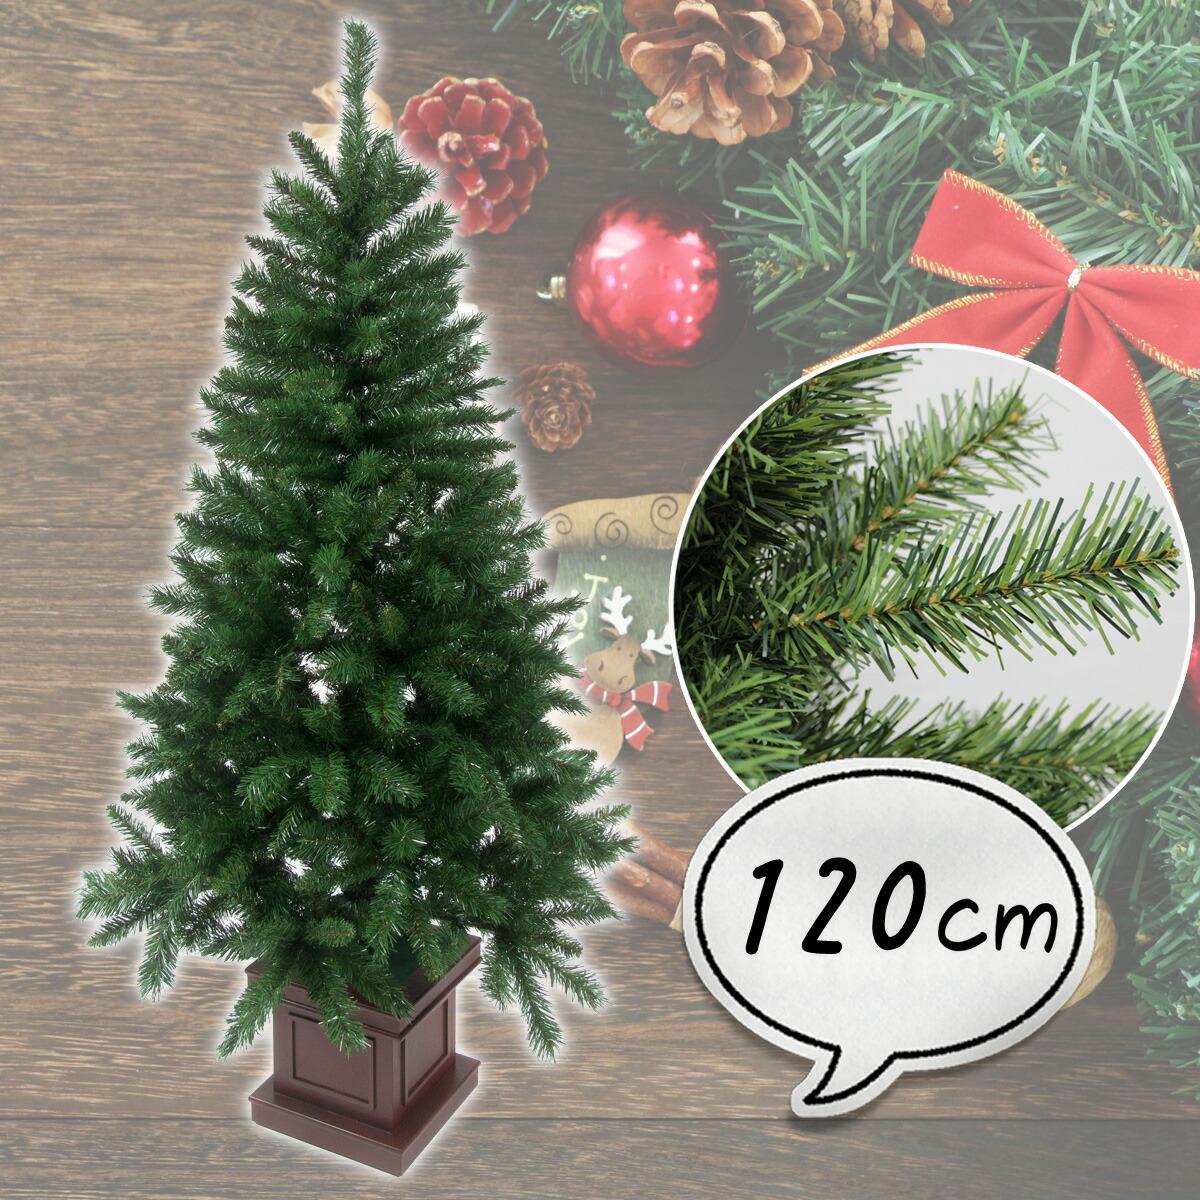 クリスマスツリー 120cm 木製ポットツリー グリーン ツリーの木 北欧 おしゃれ 木製 ポット ウッドベース